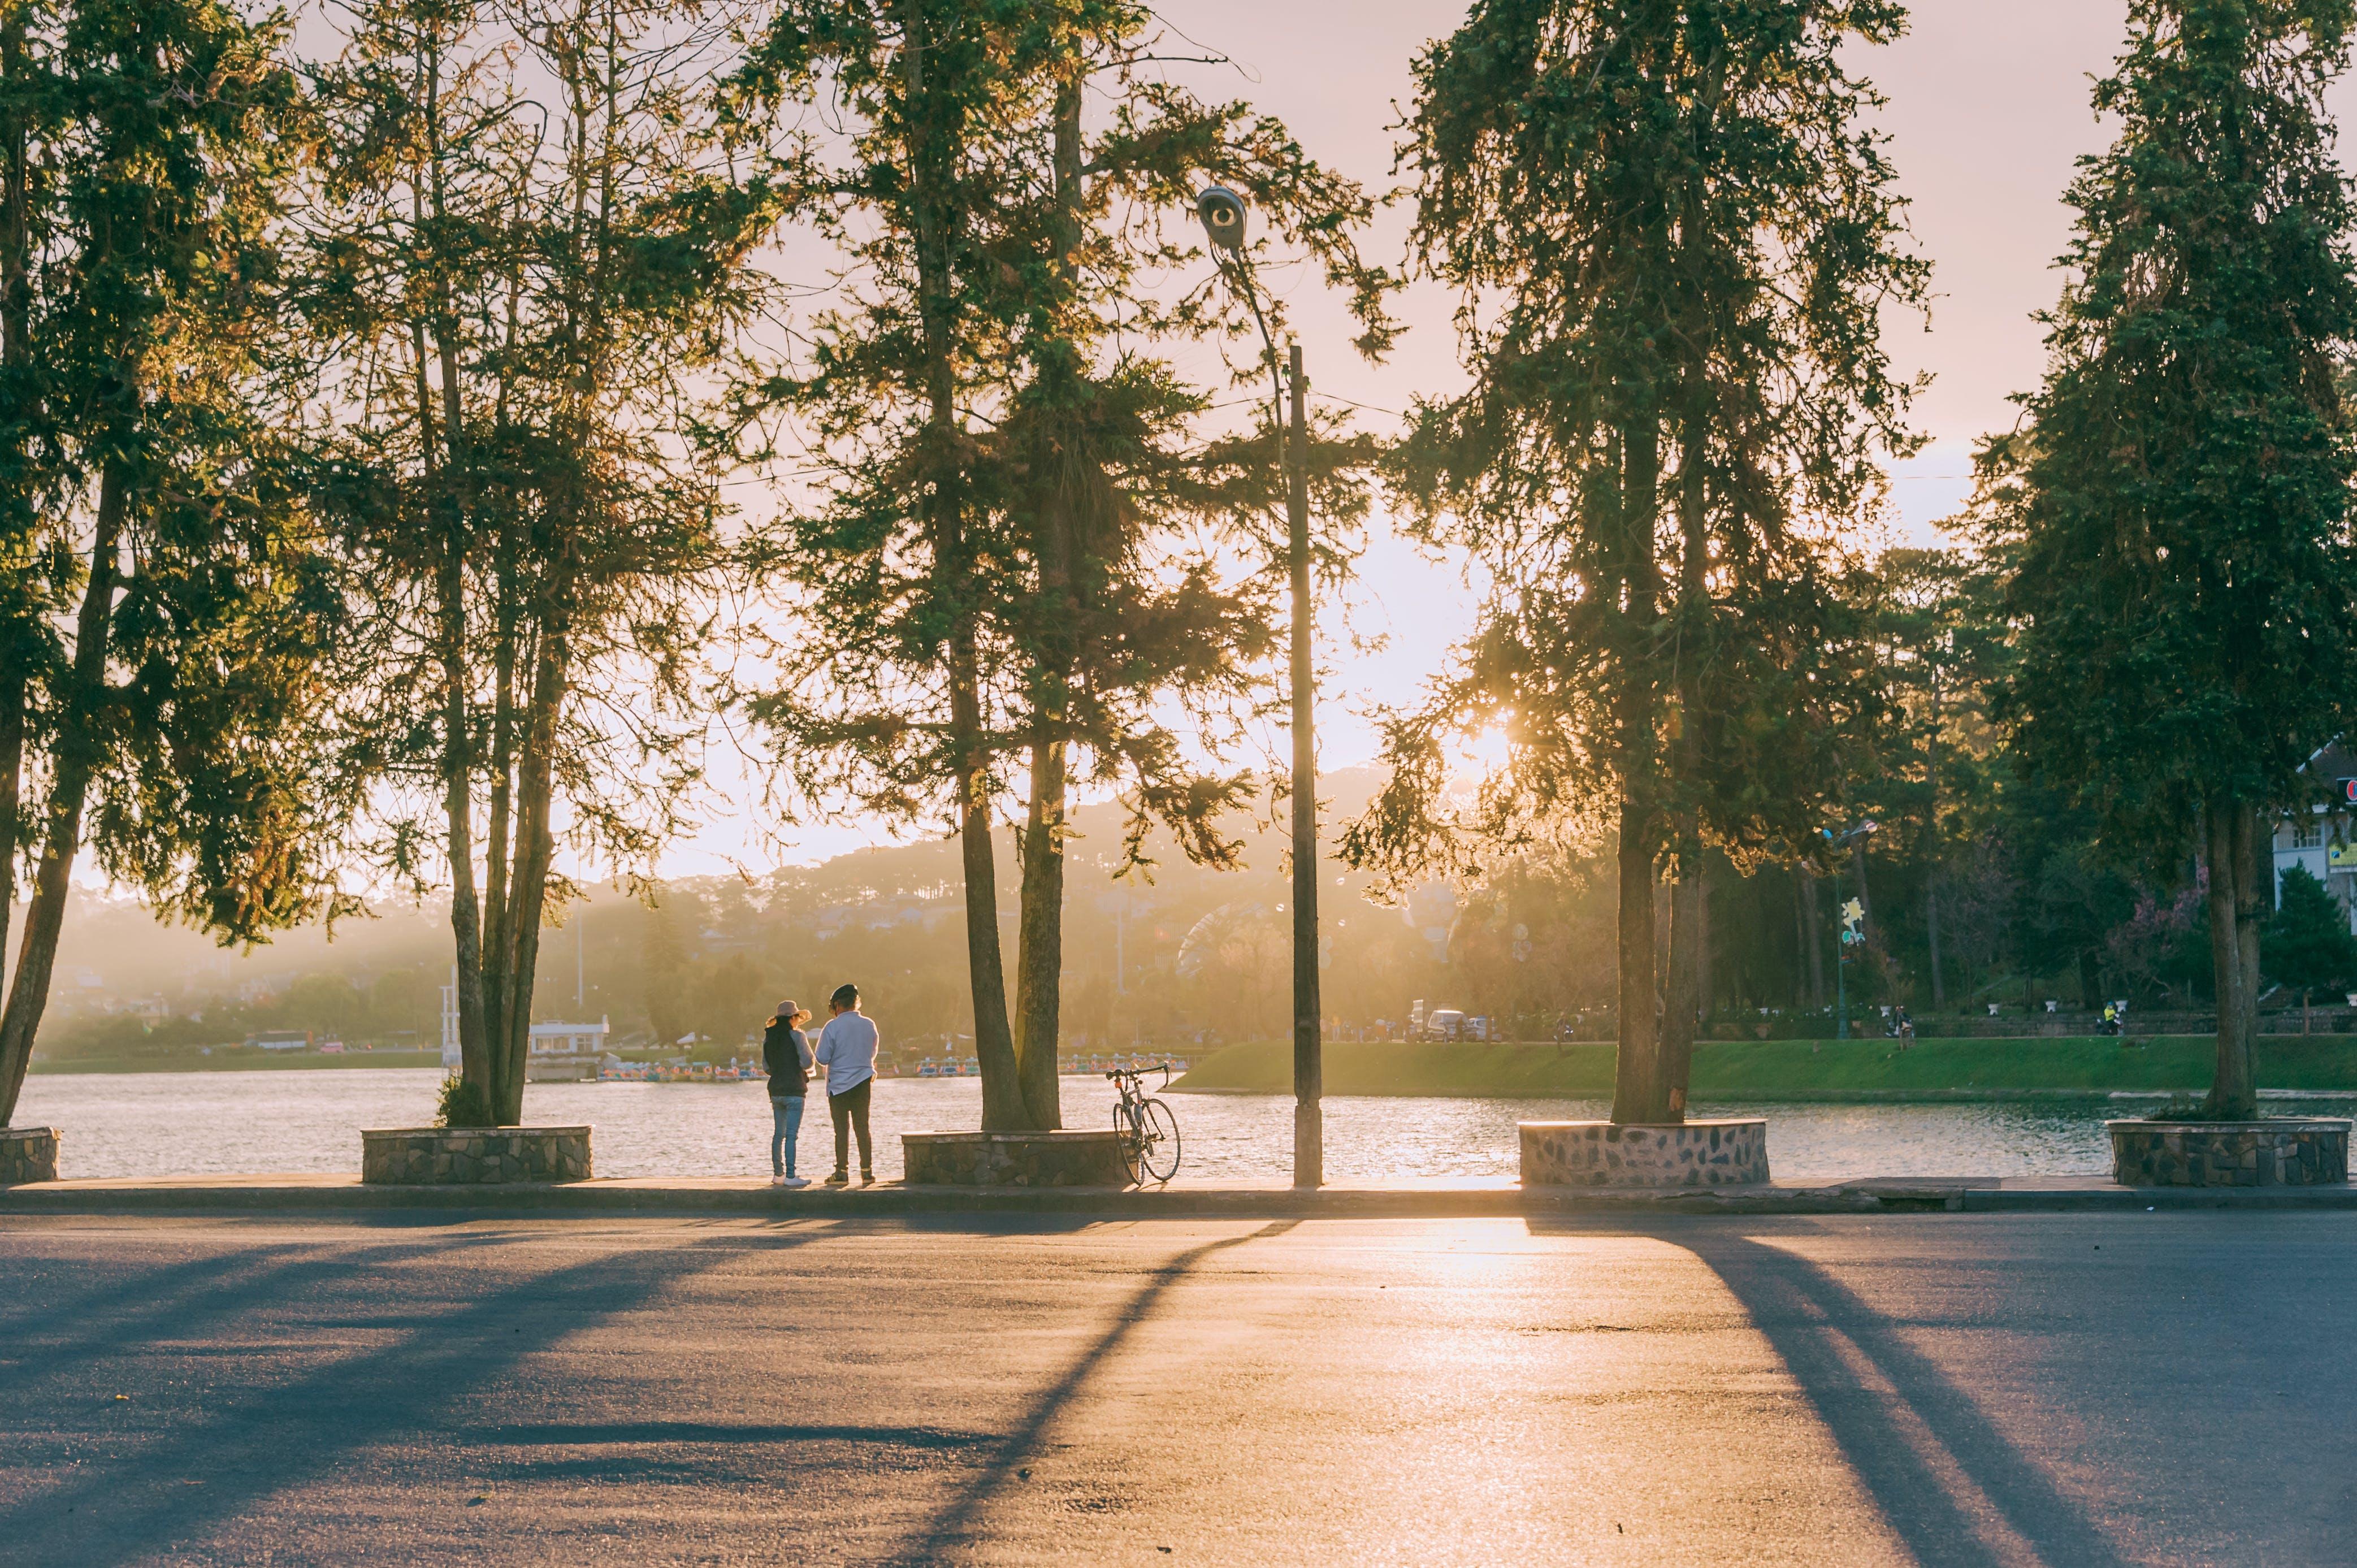 Immagine gratuita di alba, luce del giorno, ora d'oro, parco